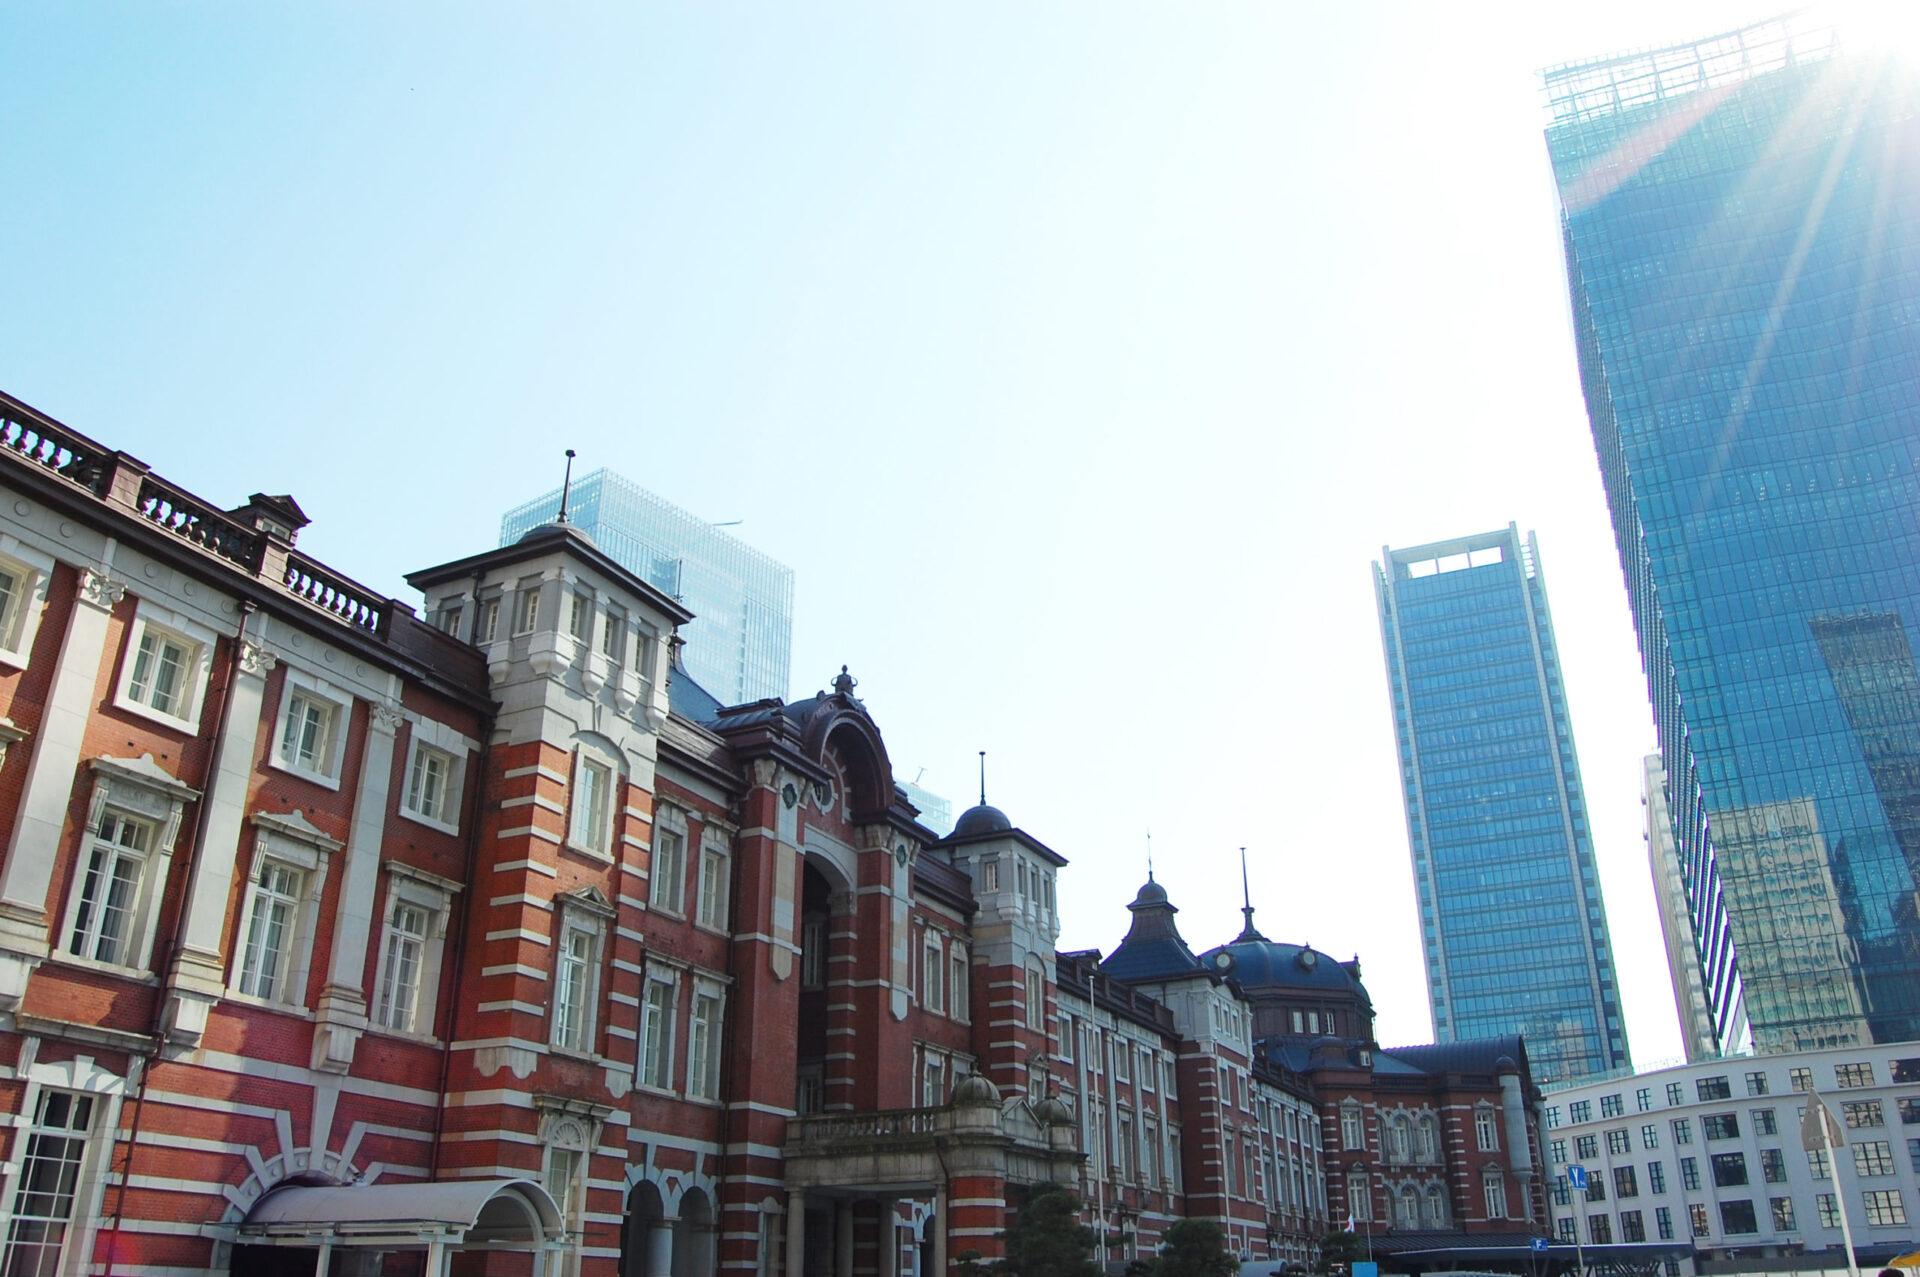 まとめ【大正時代の建築物の様々な様式を見にいってみよう】